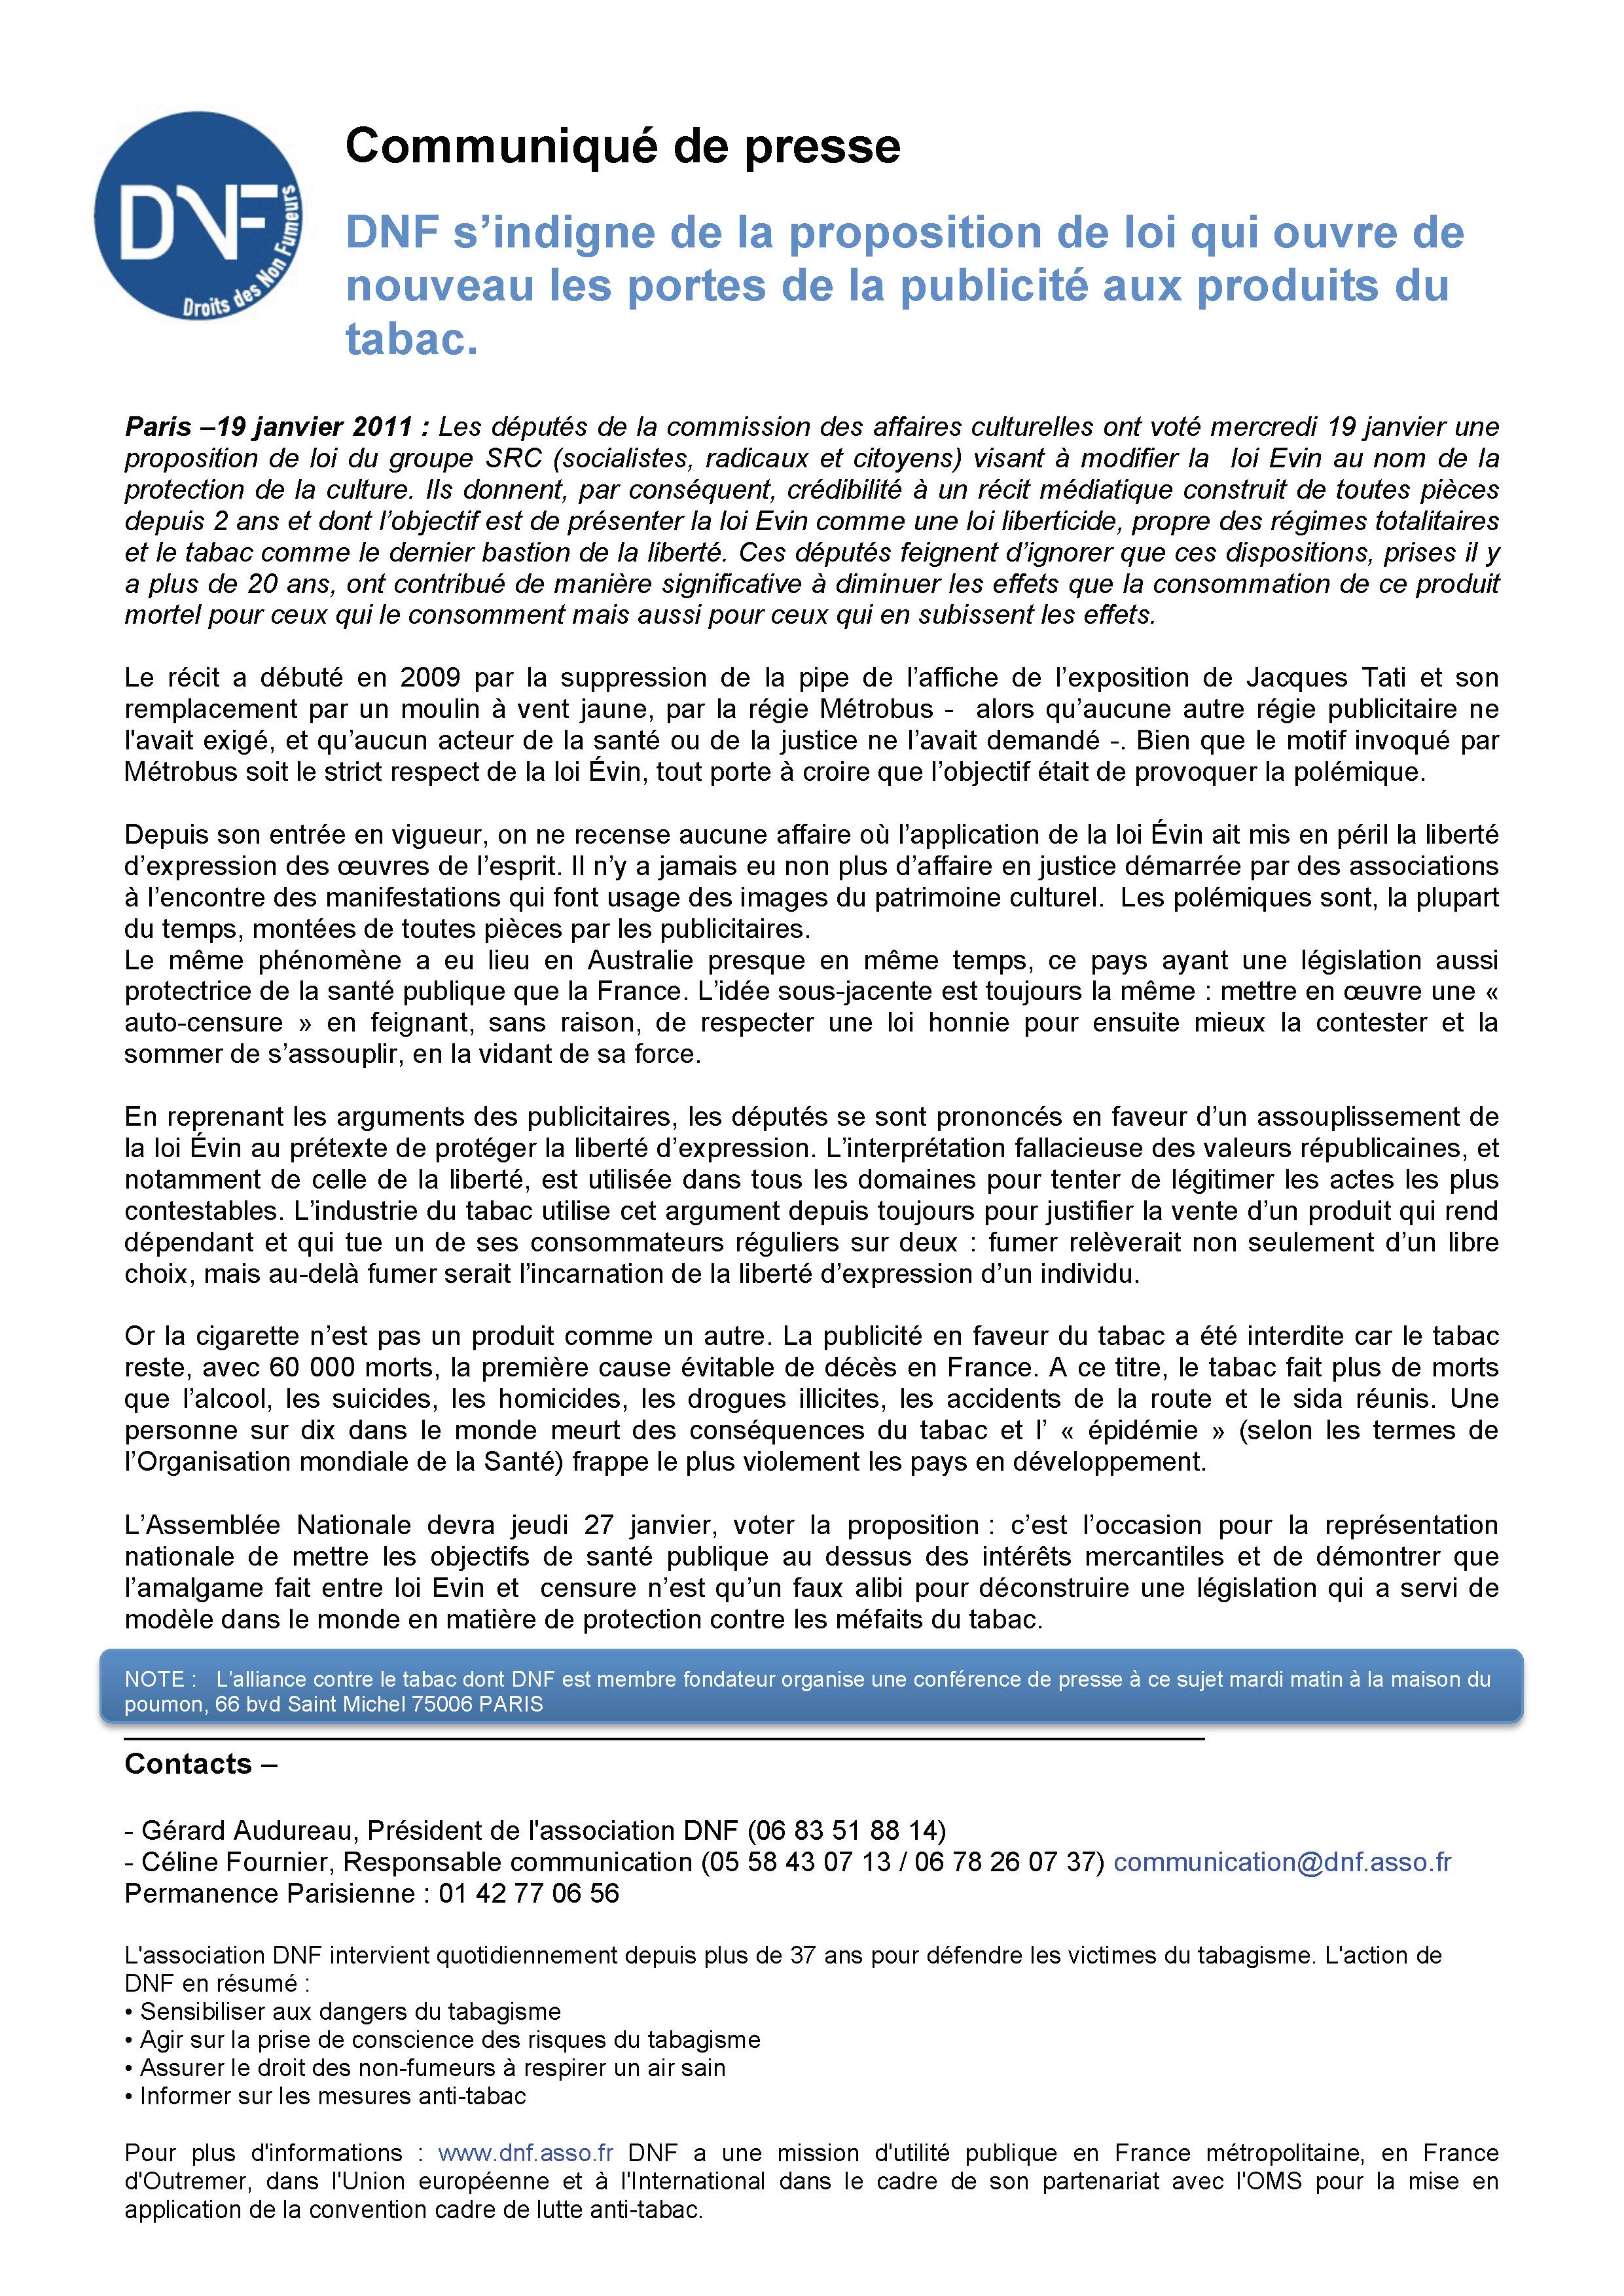 DNF-CP_proposition-de-loi-pub-19jan2011.jpg